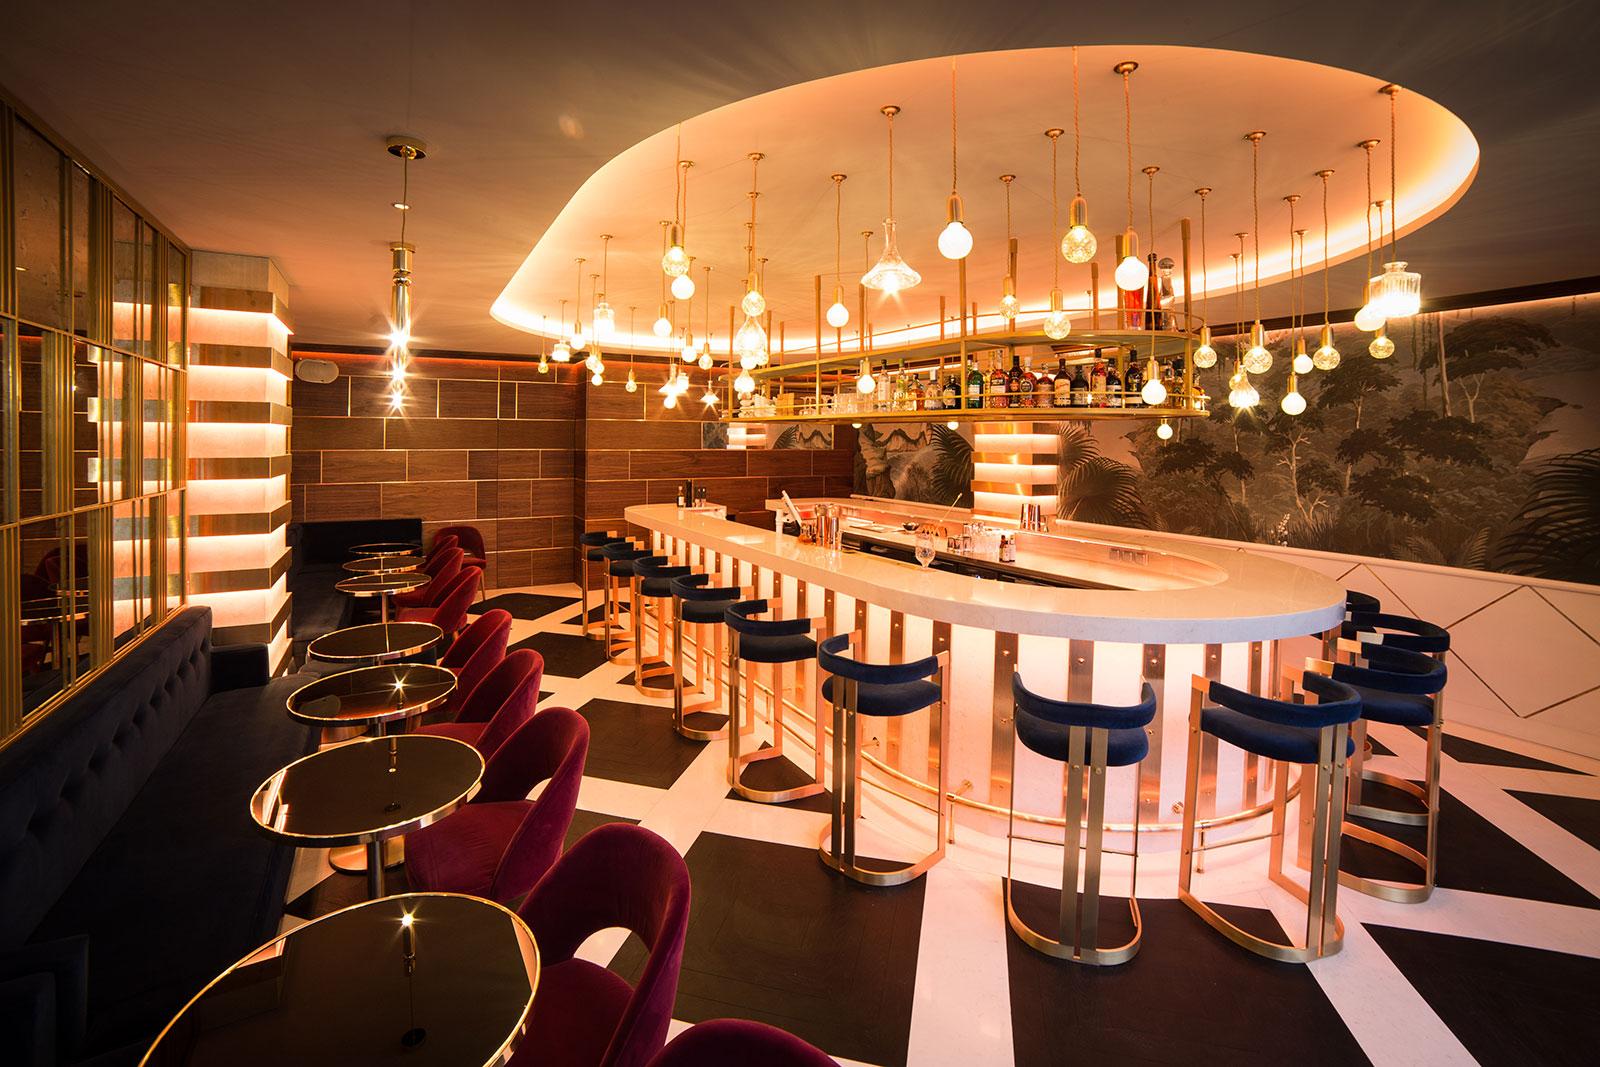 Restaurant Interior Design in Dubai Cannes PDI